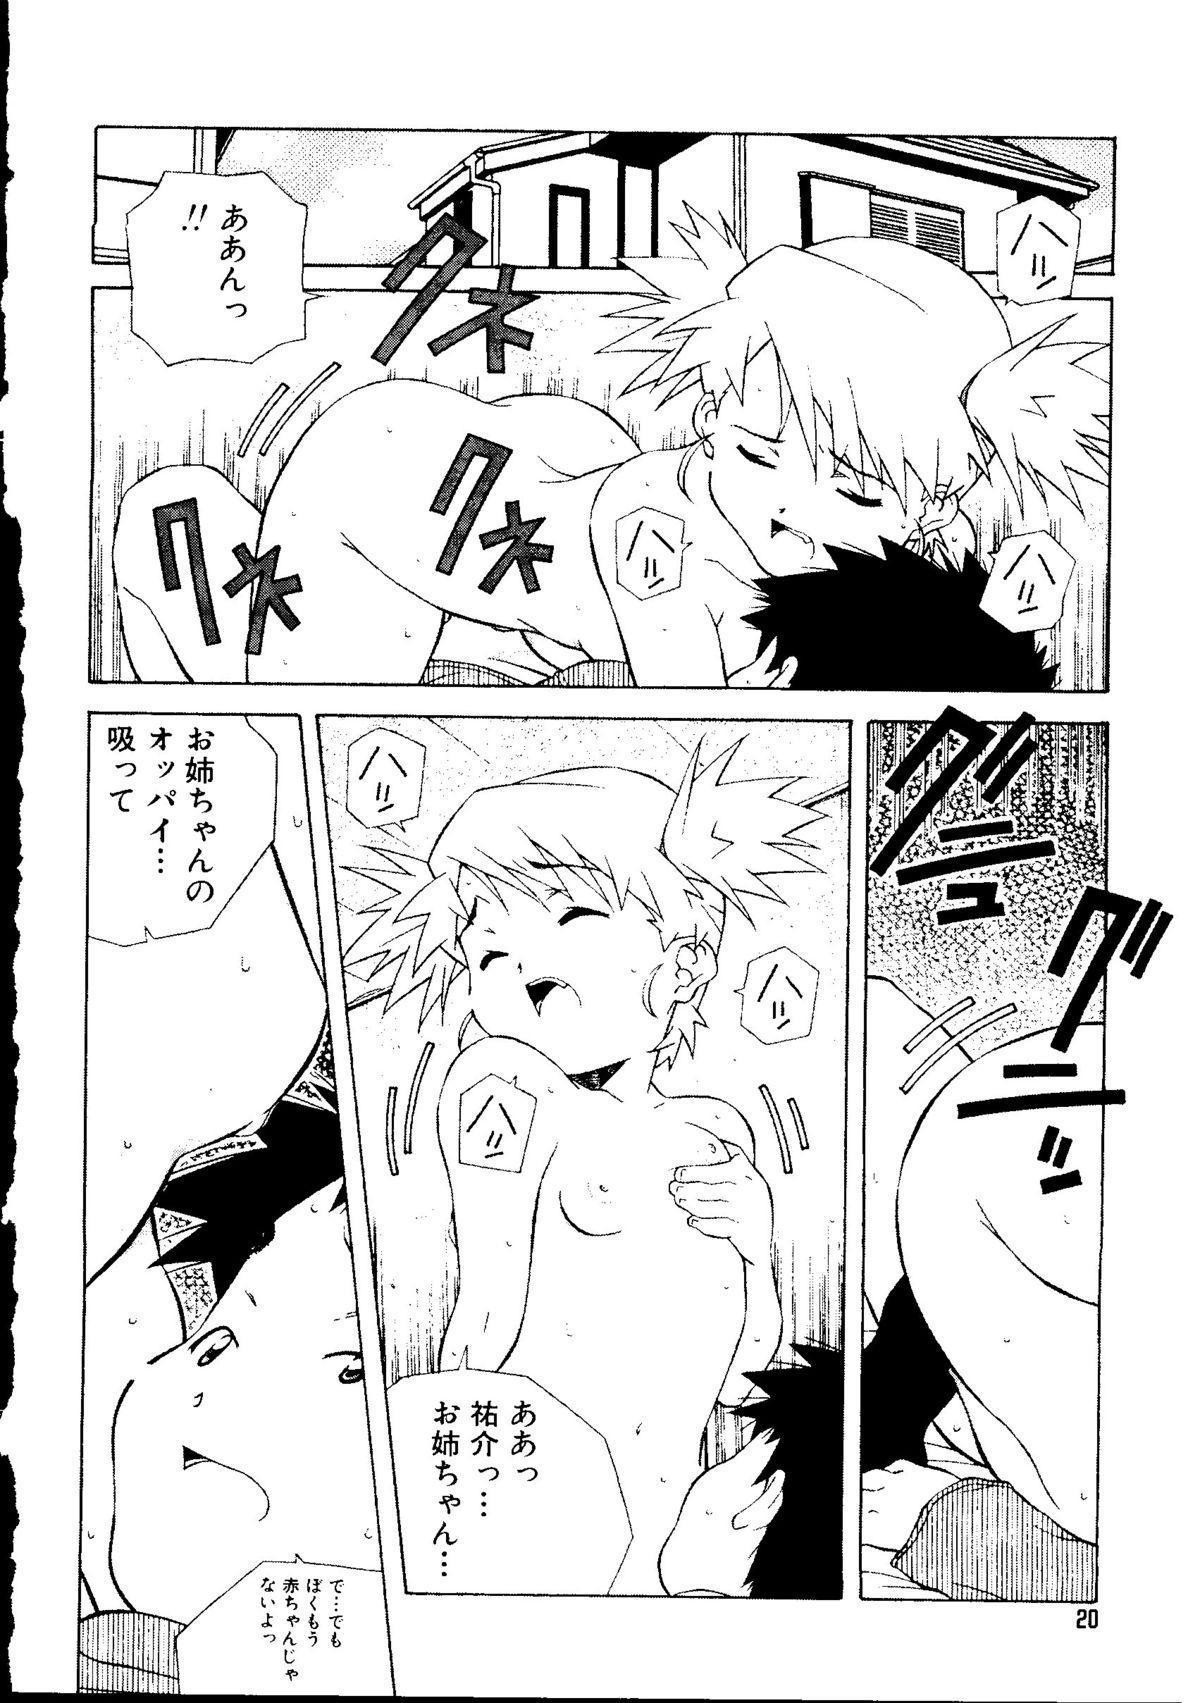 Mujirushi Youhin Vol. 7 18